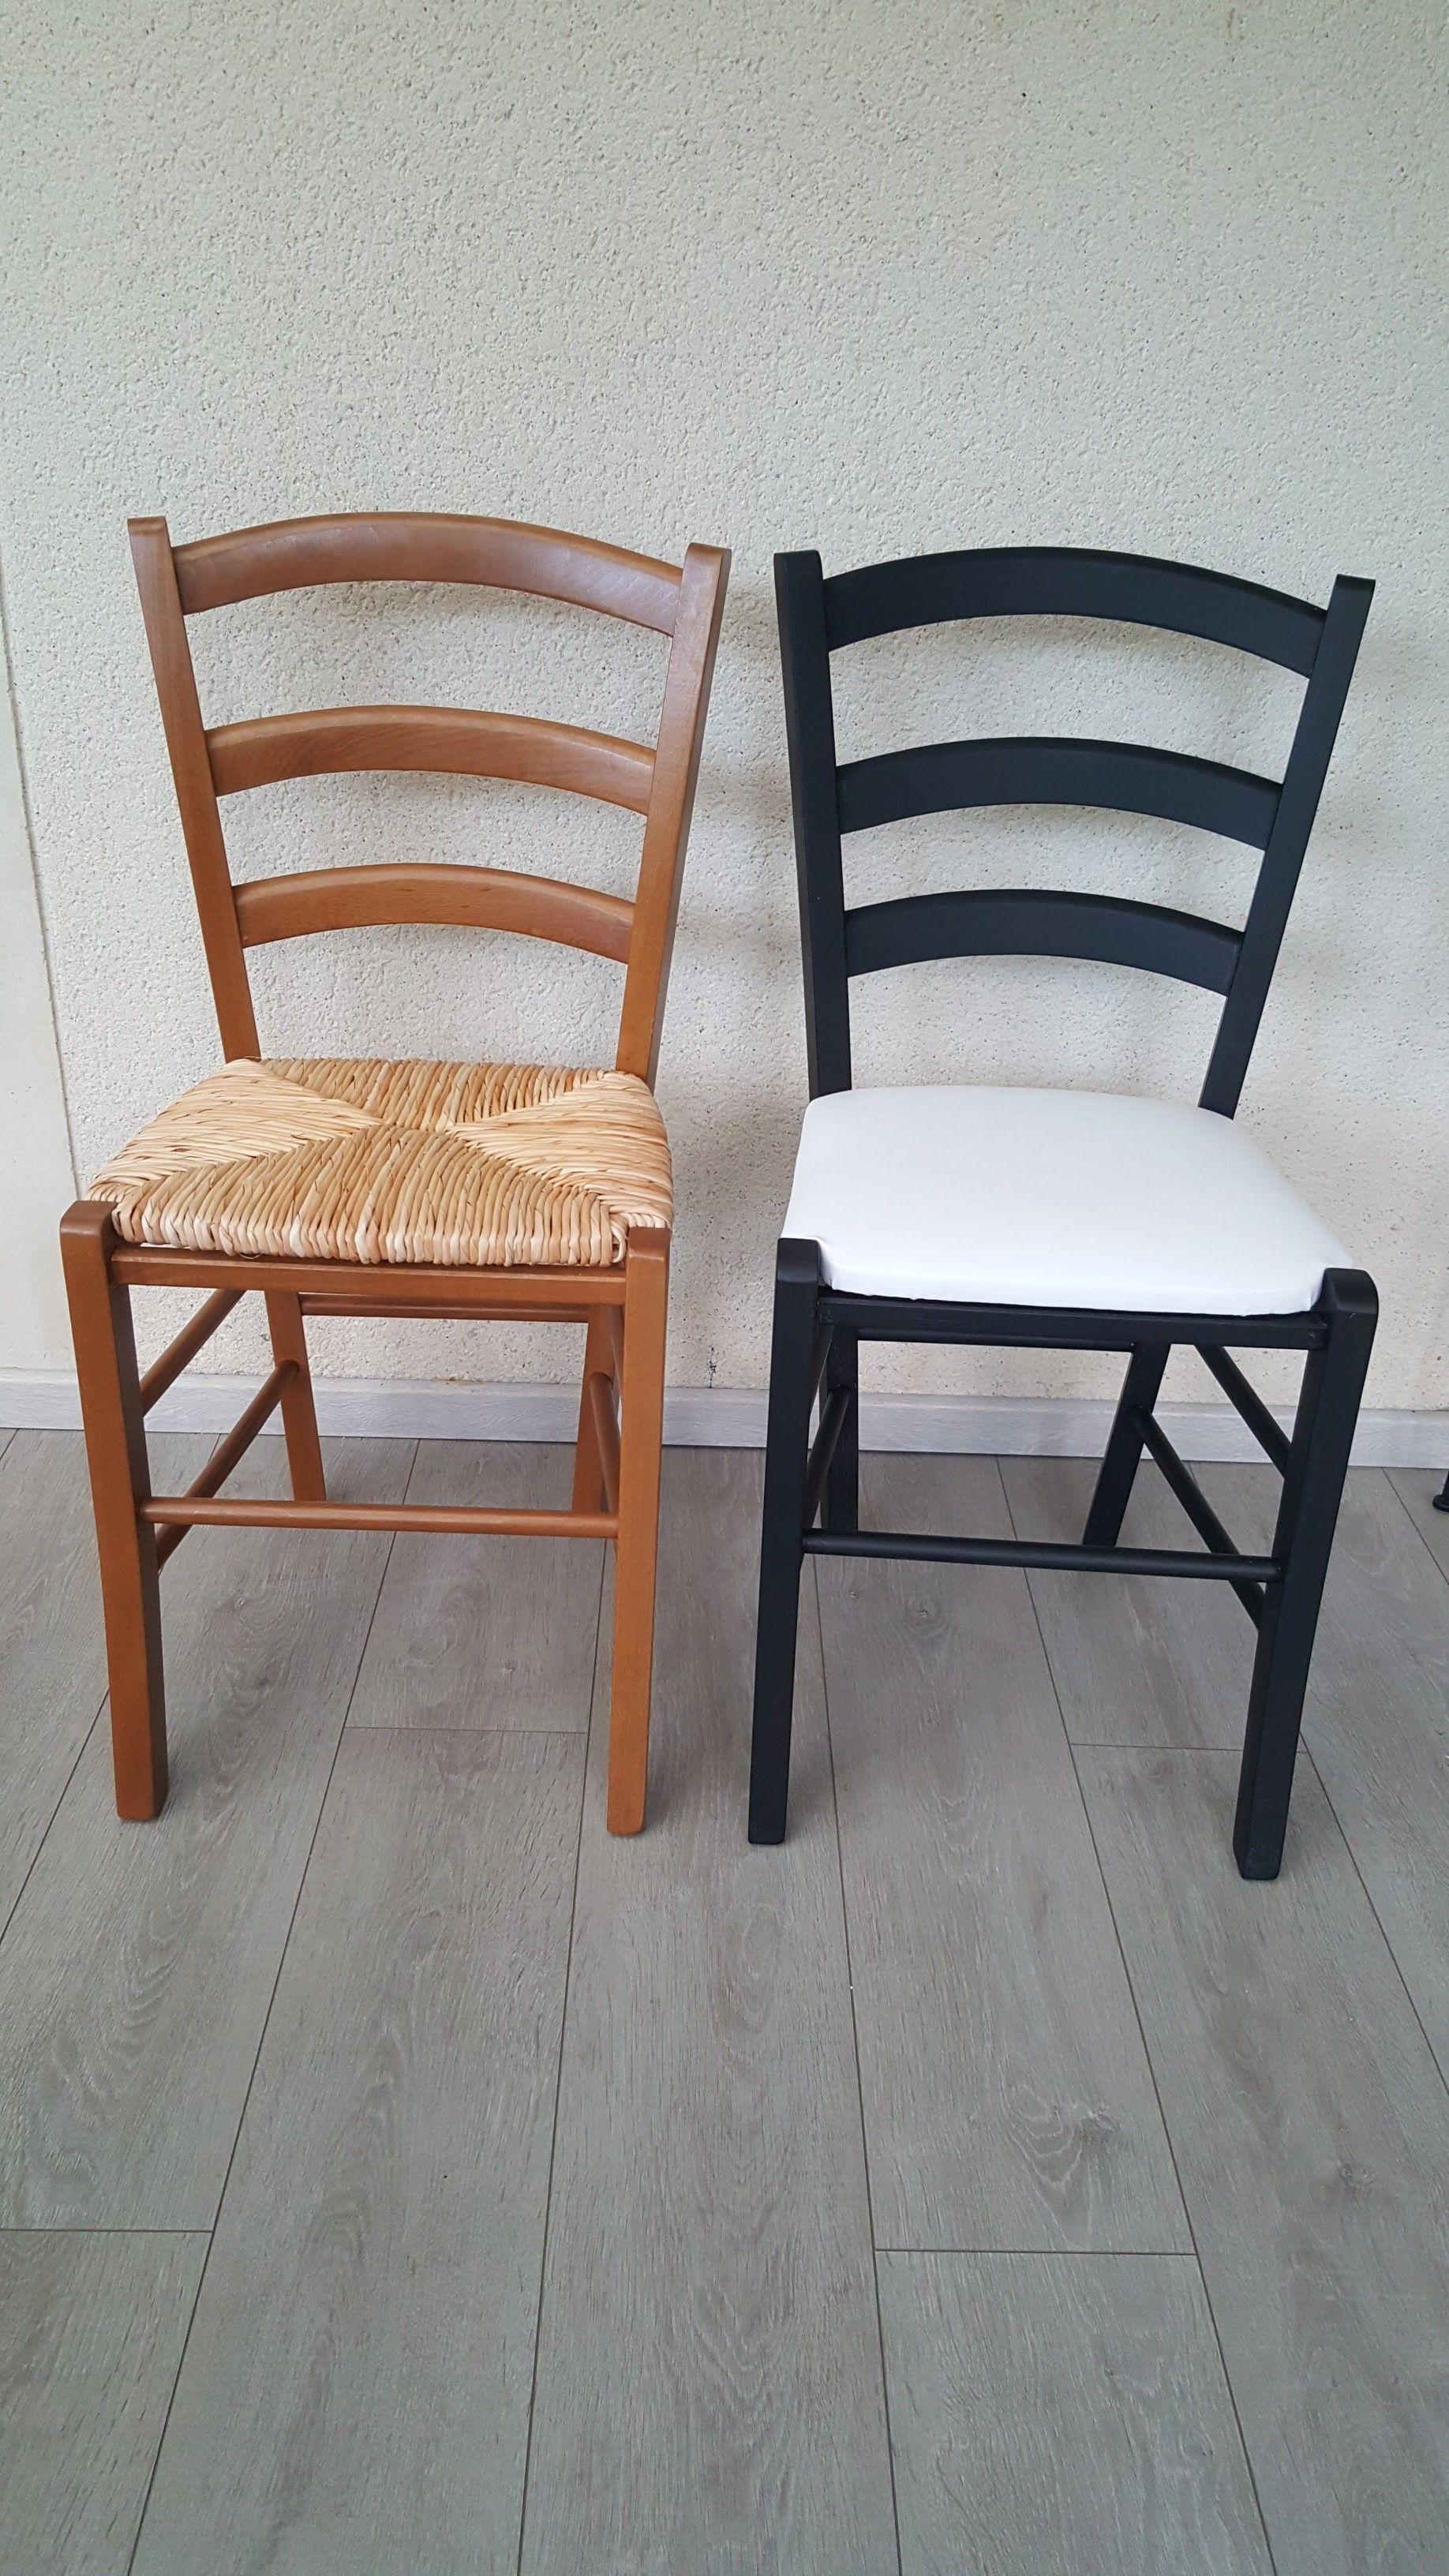 Chaises Paille Peintes Assise En Skai Chaise Paille Assise De Chaise Relooking De Mobilier